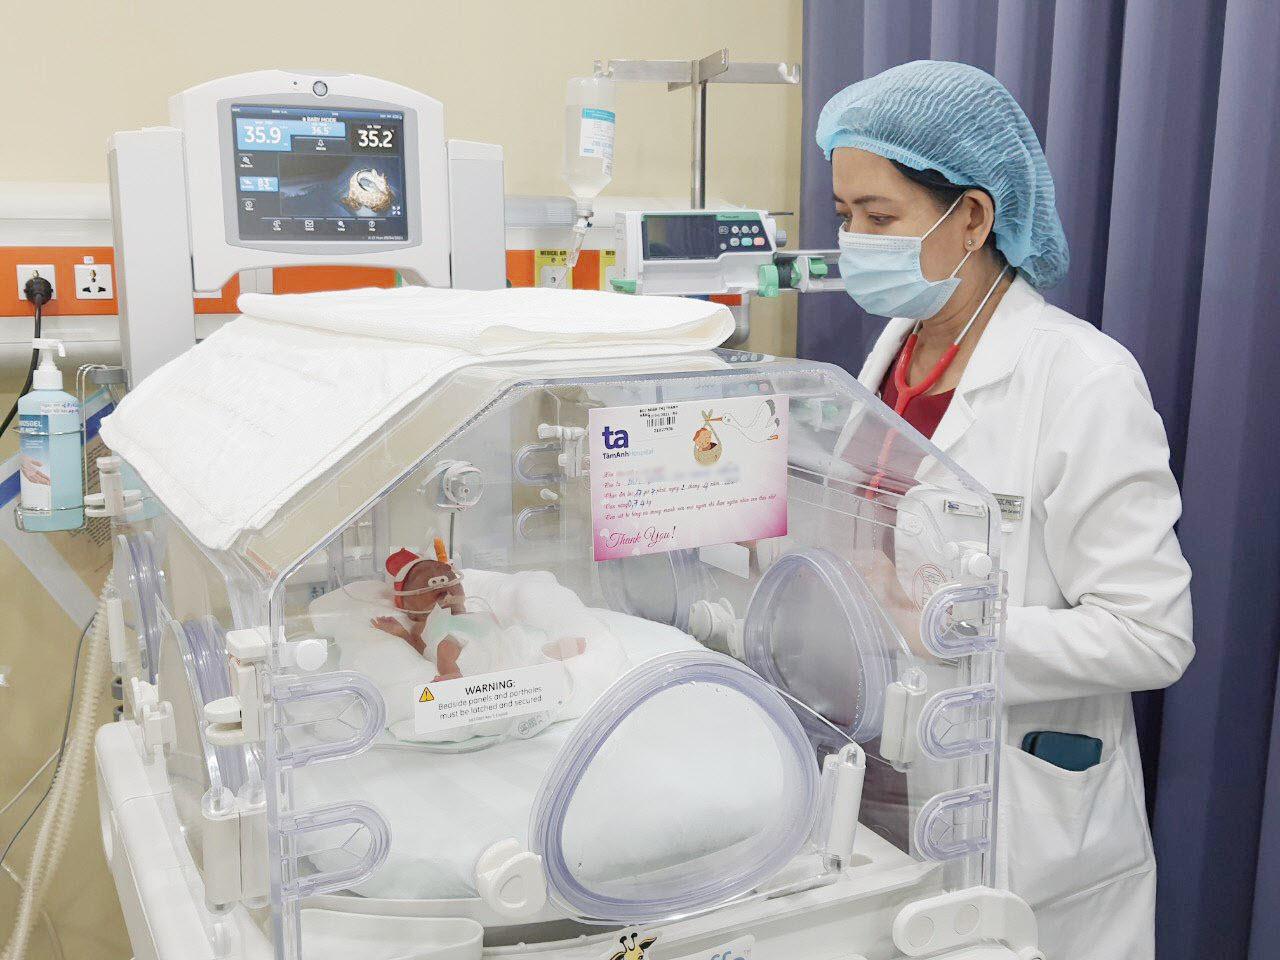 Trẻ sinh non được chăm sóc đặc biệt tại BVĐK Tâm Anh có thể hạn chế tối đa nguy cơ mắc các bệnh liên quan đến hệ thần kinh, não bộ... mang đến cho trẻ cơ hội sống khỏe mạnh và phát triển bình thường. Ảnh: P.Lan